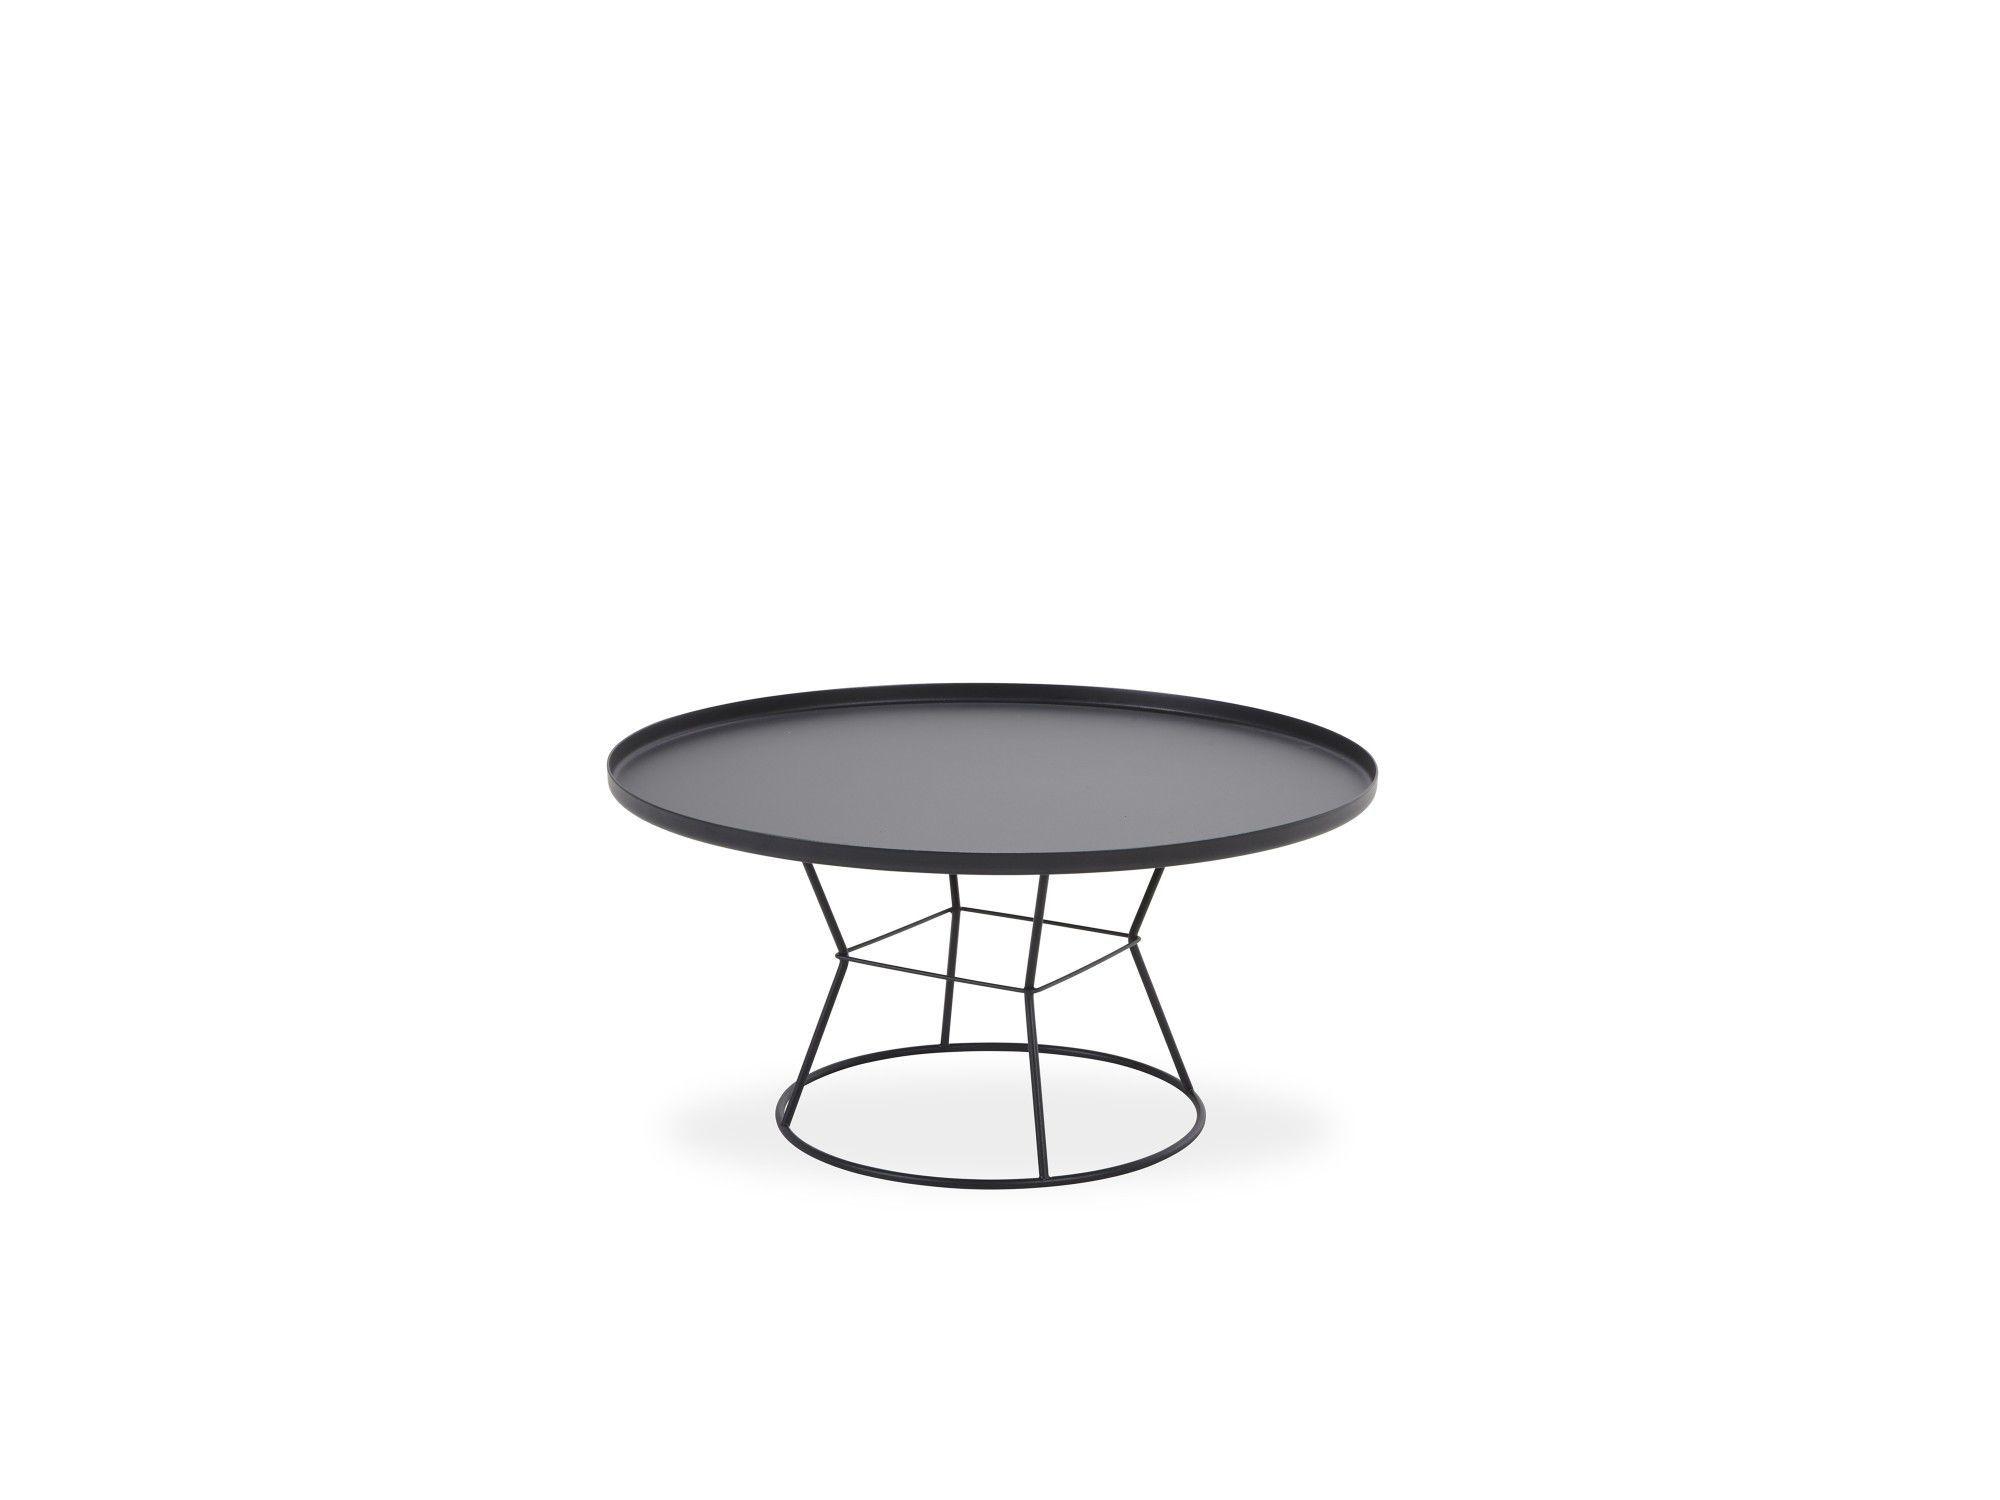 Free Moderner Couchtisch Metall Rund Oval With Couchtisch Rund Oval